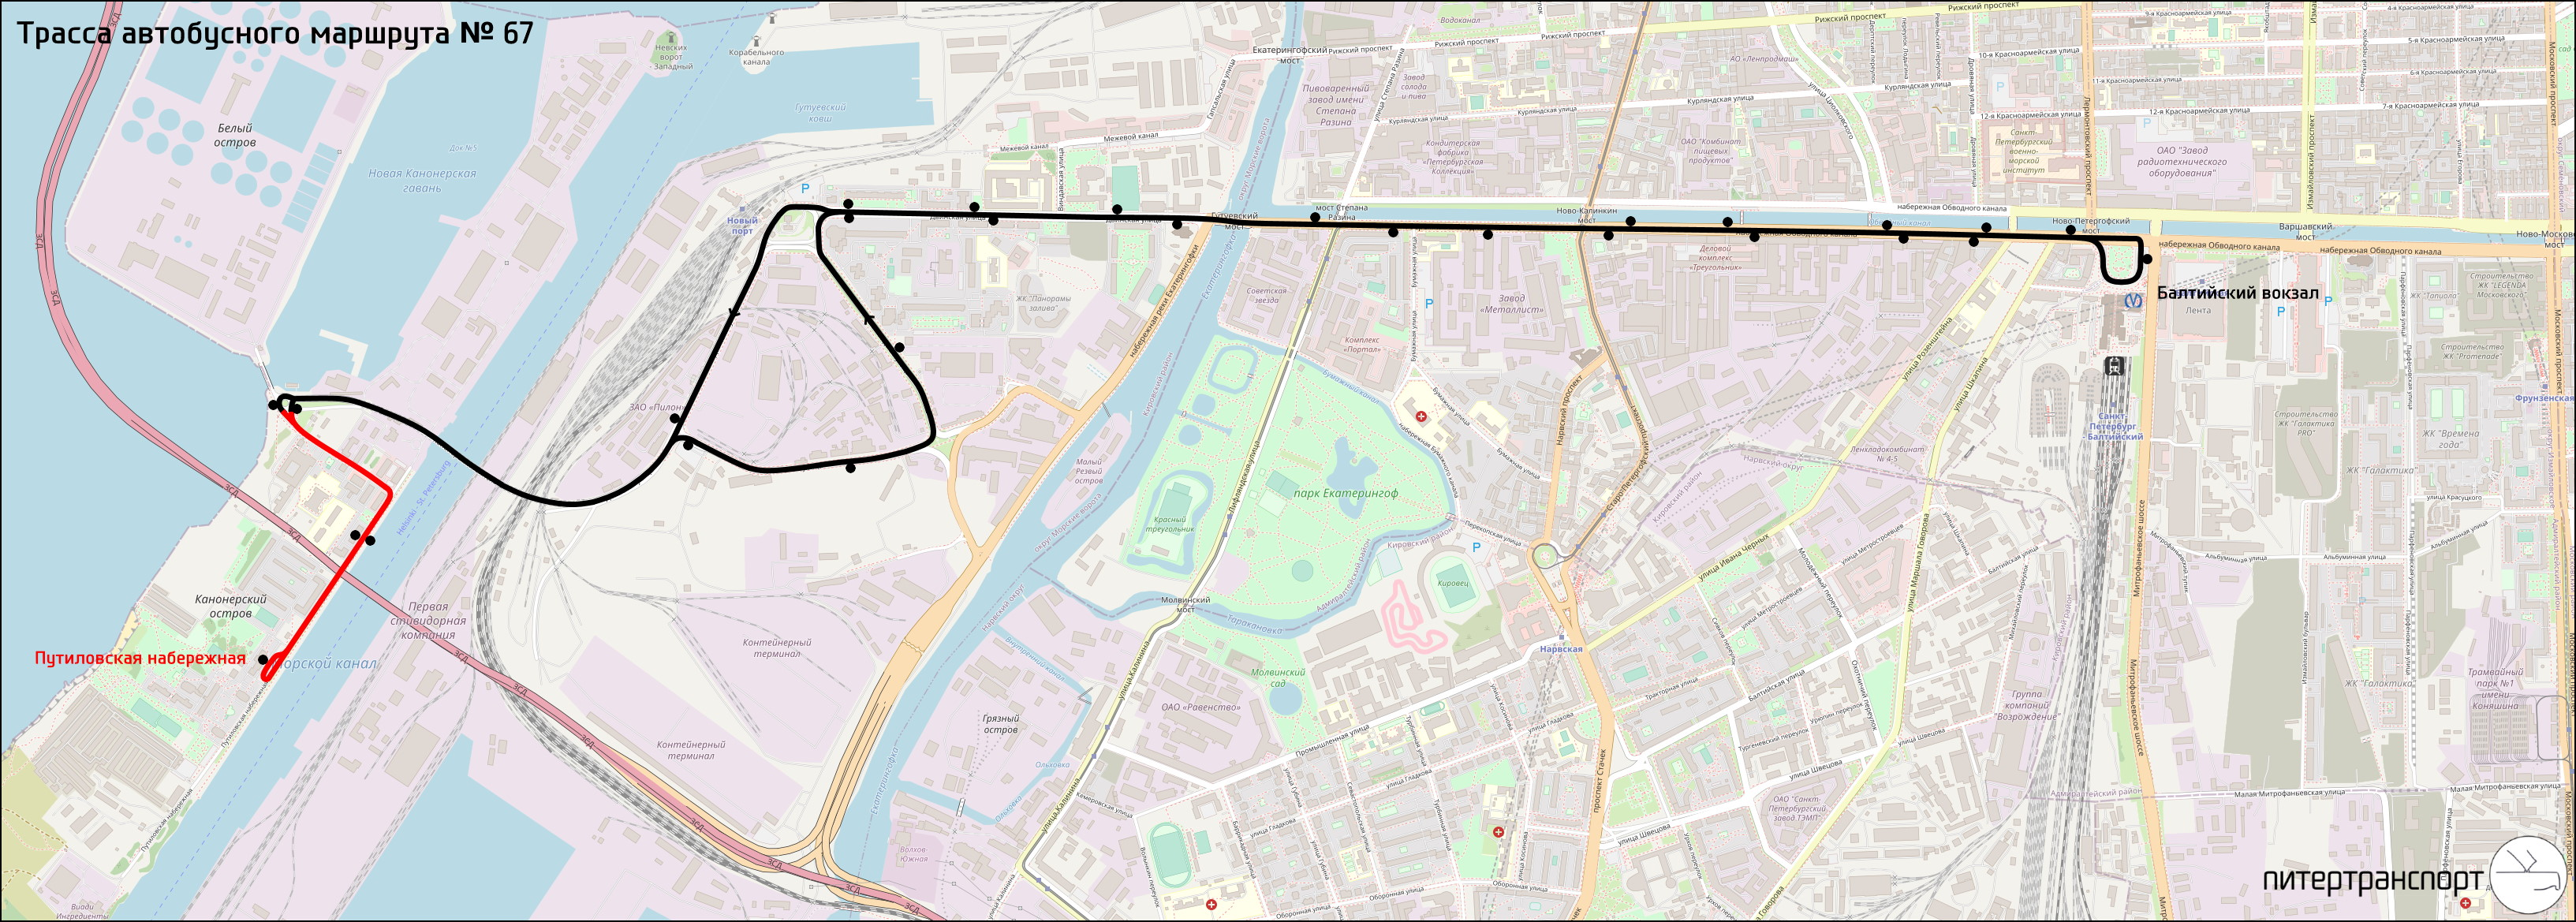 Схема проезда на фонтанку 154